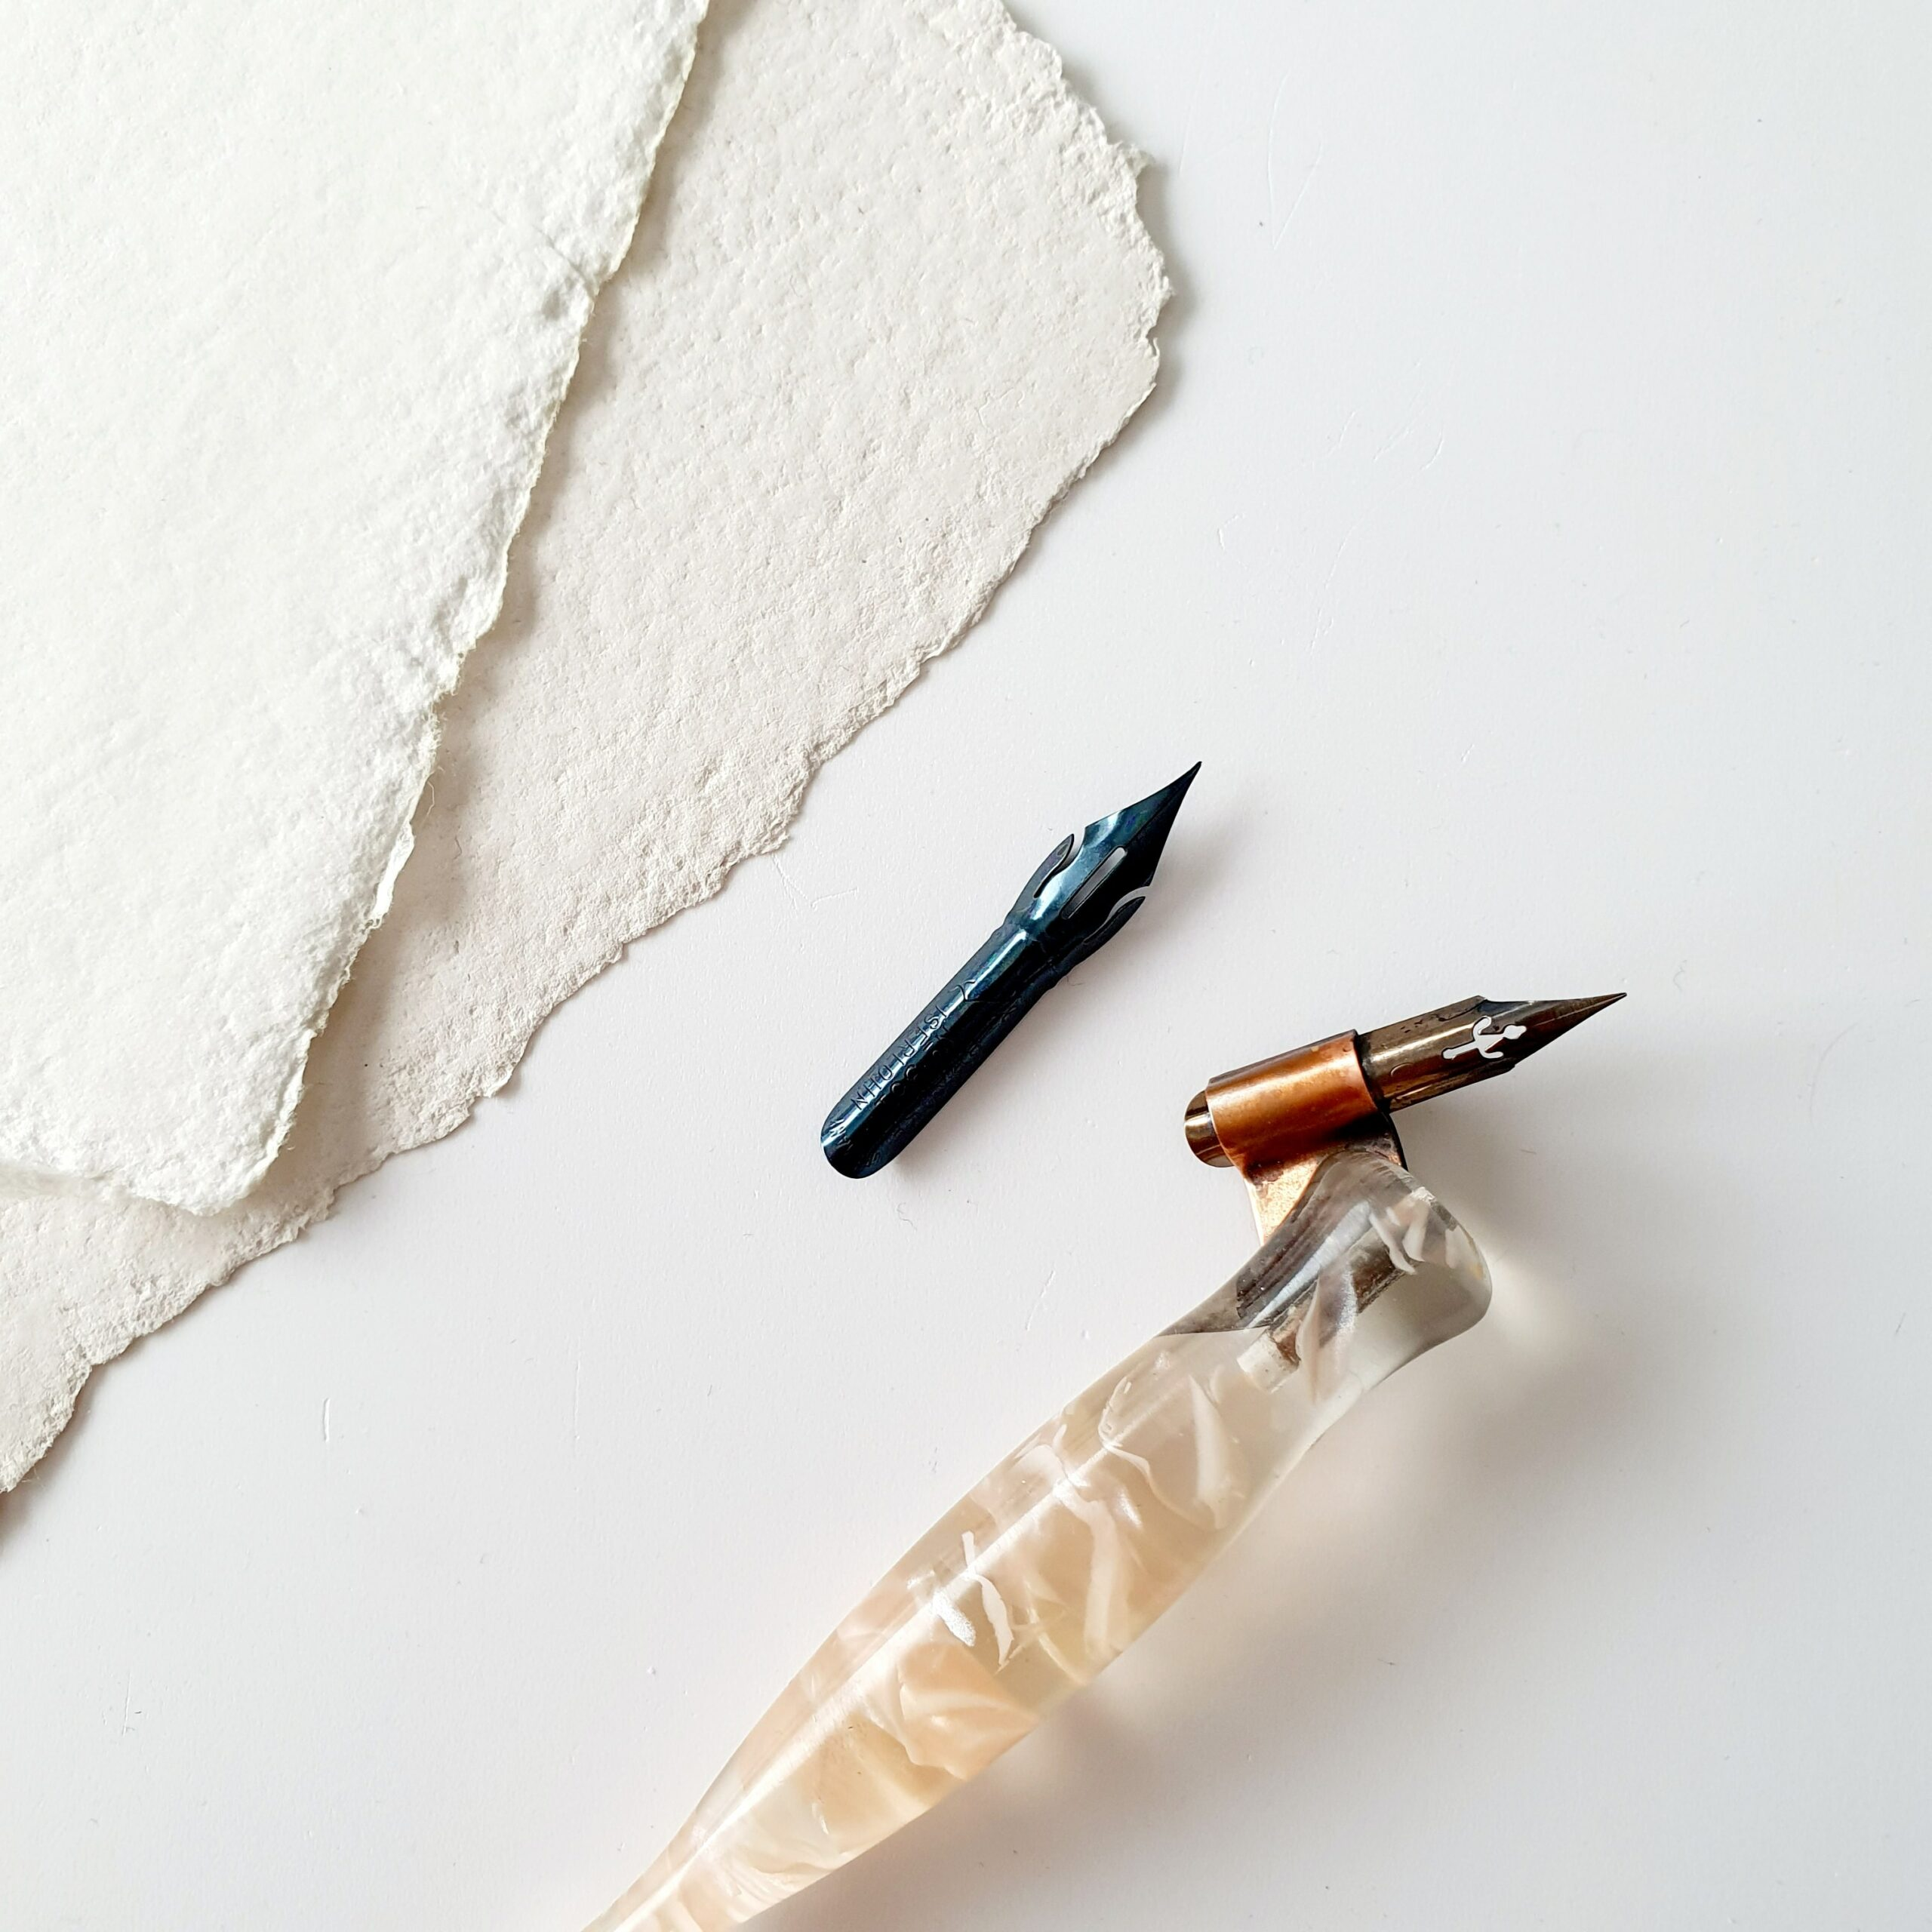 kalligraferen op handgeschept papier